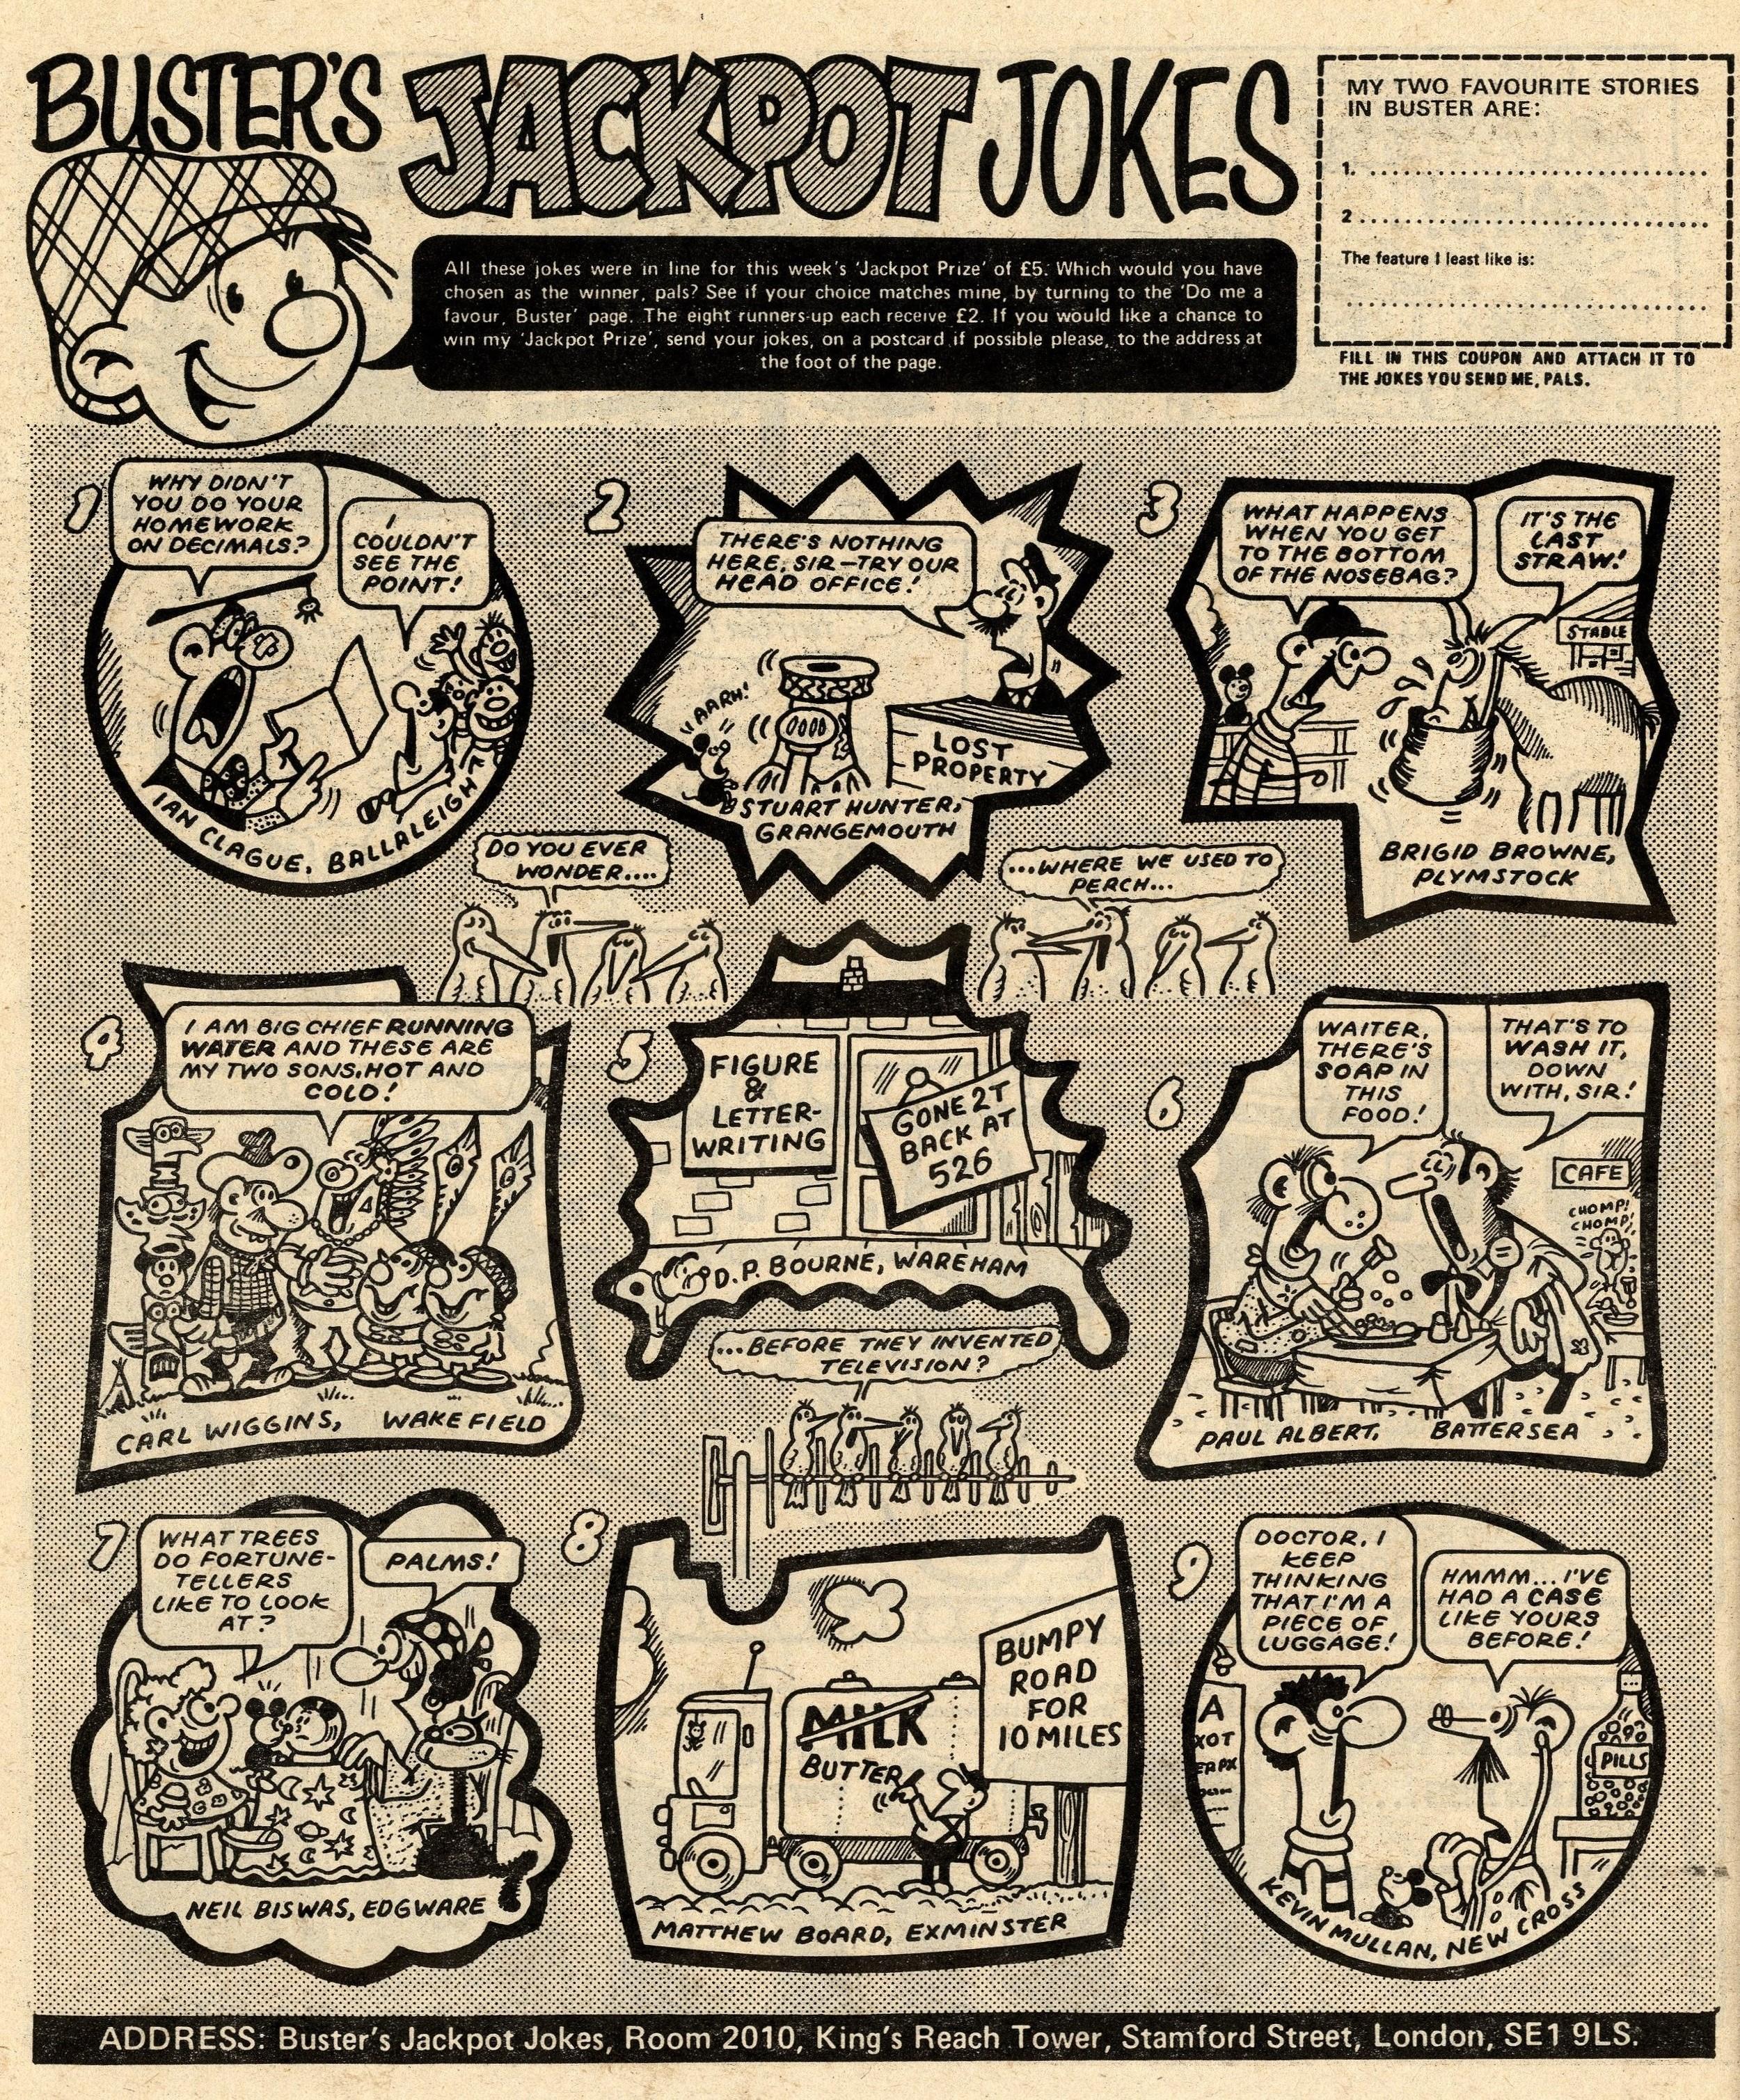 Buster's Jackpot Jokes: Jack Clayton (artist)